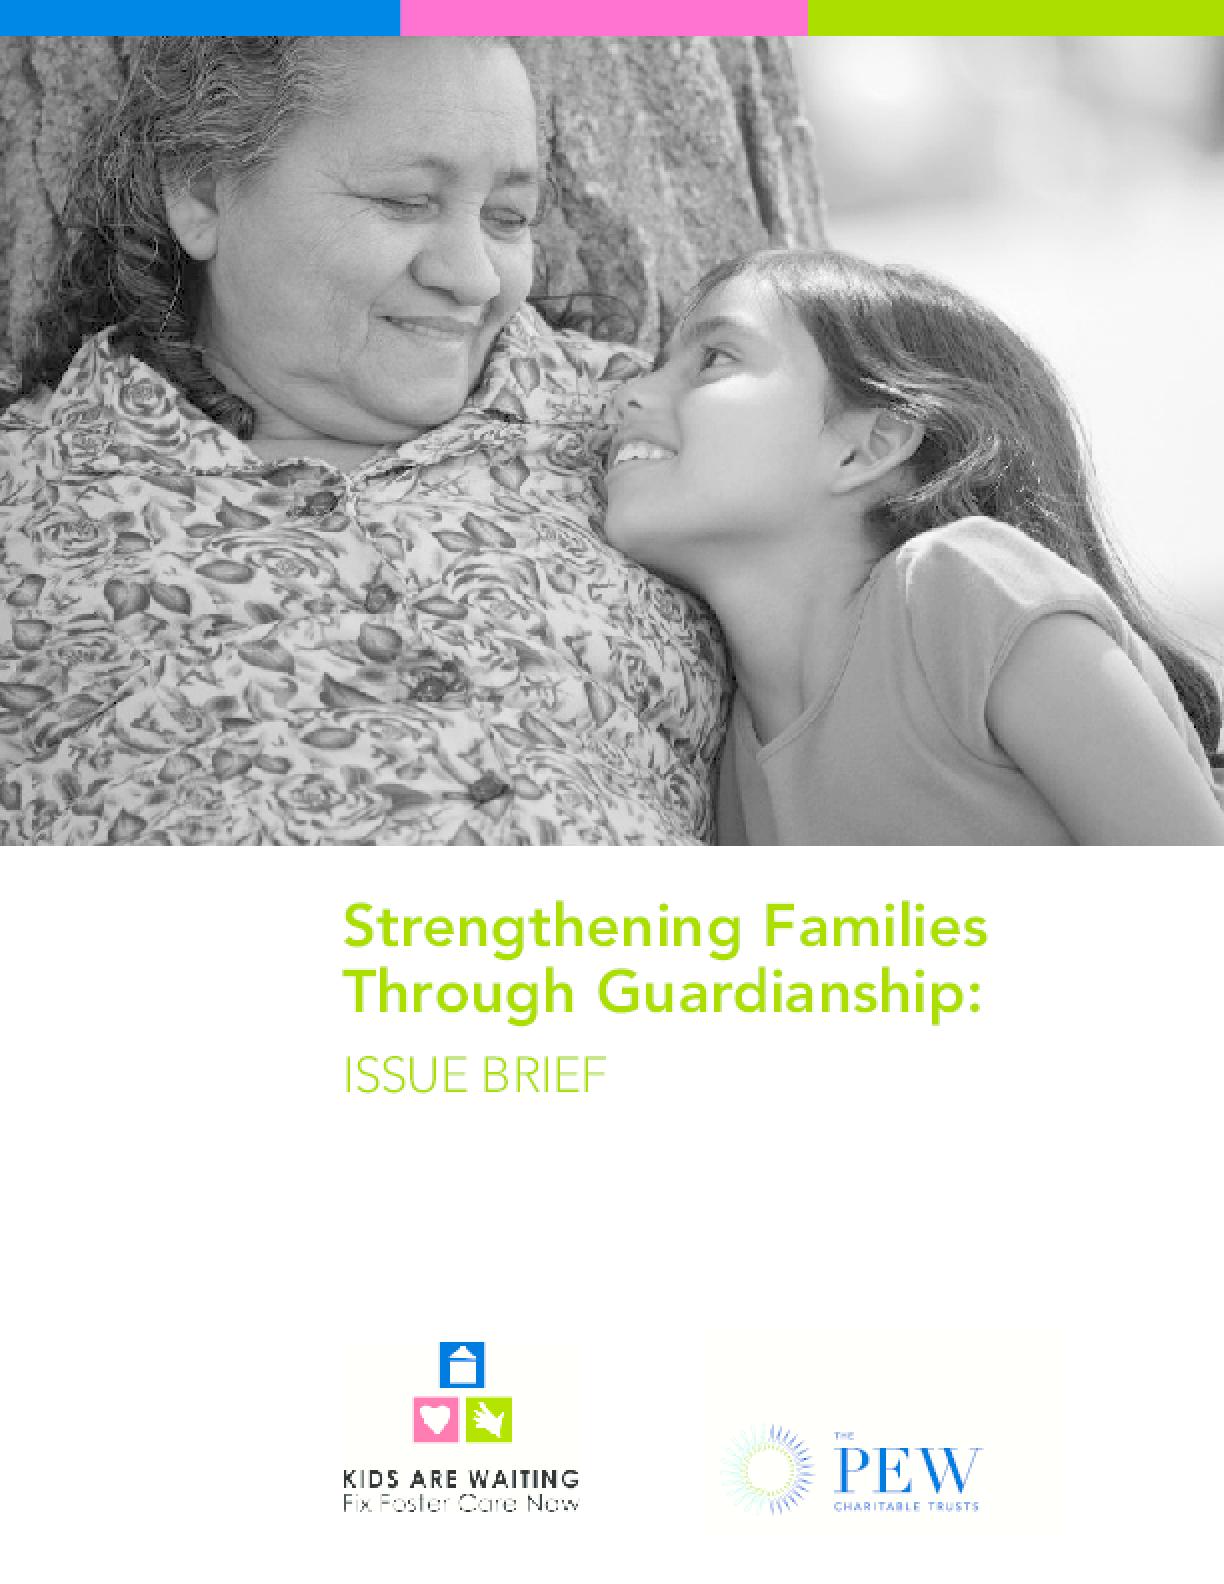 Strengthening Families Through Guardianship